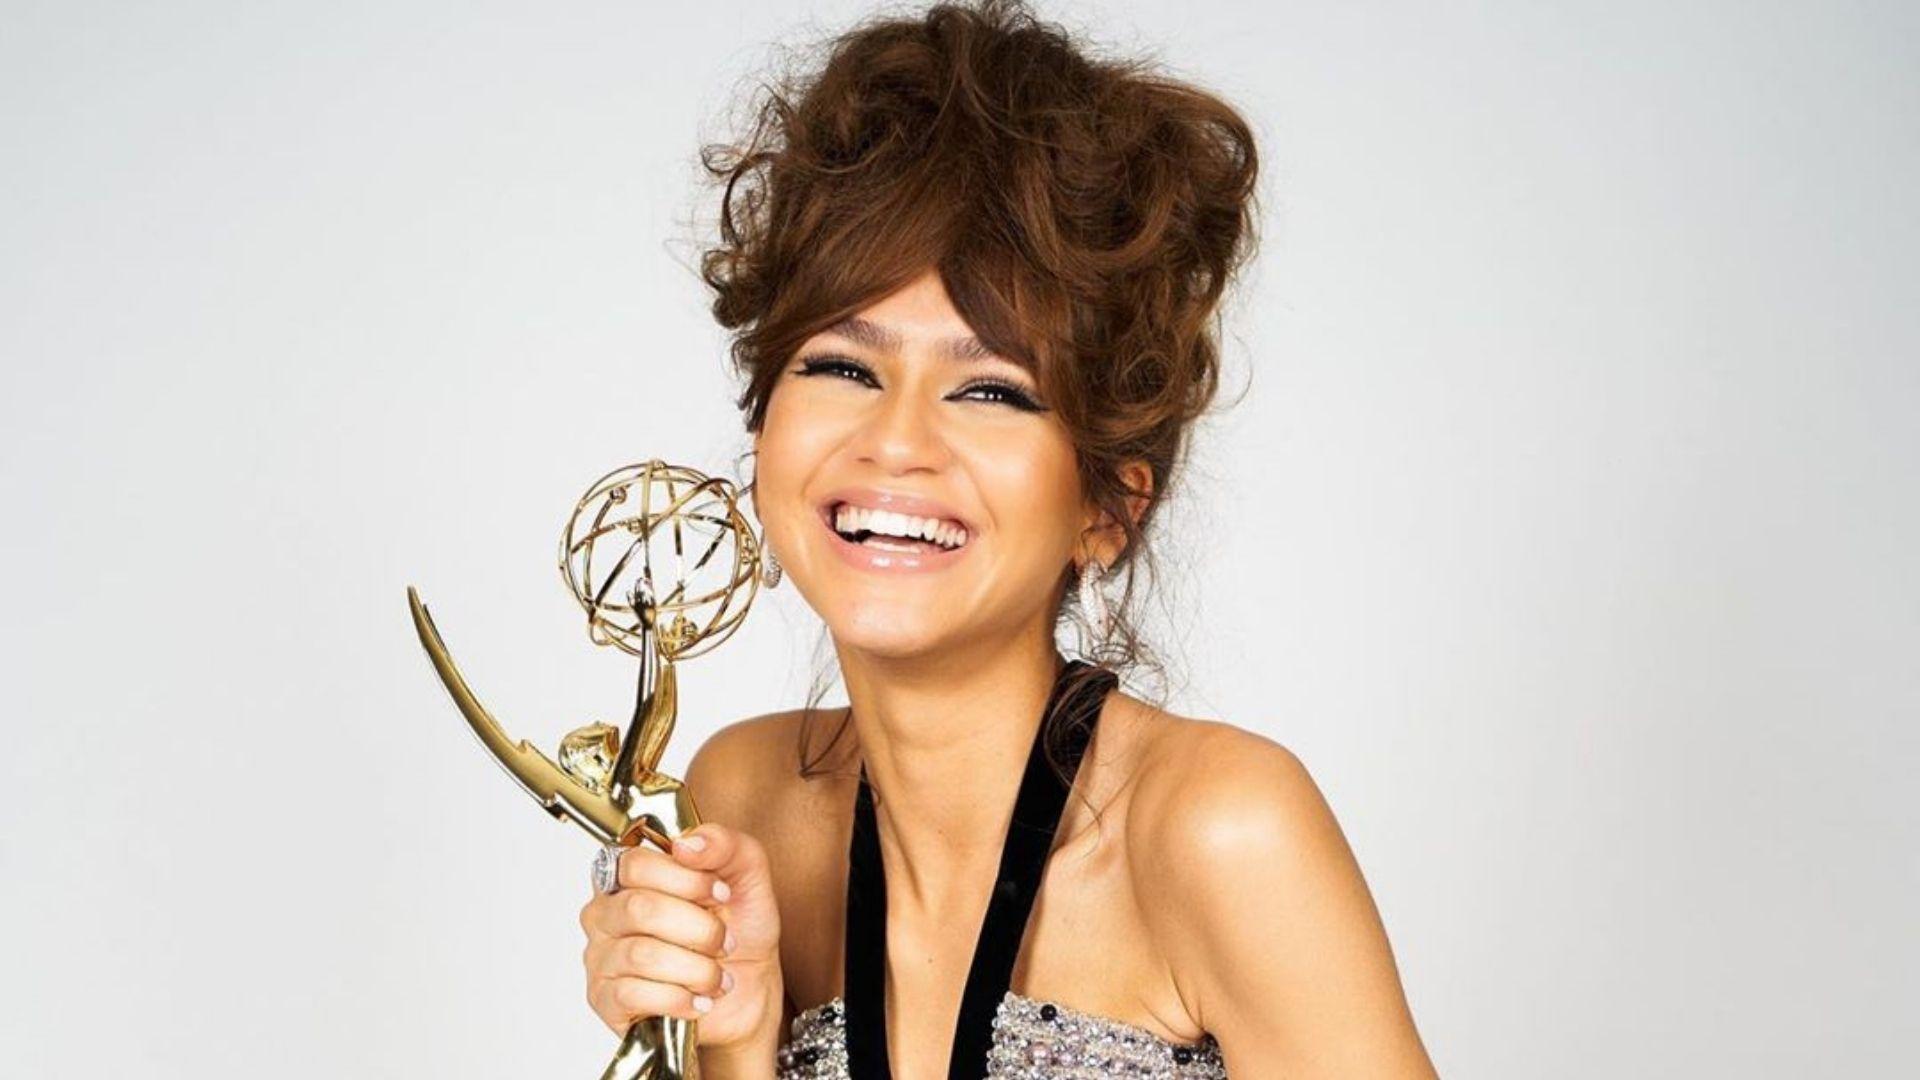 A mulher negra mais jovem a ganhar o Emmy